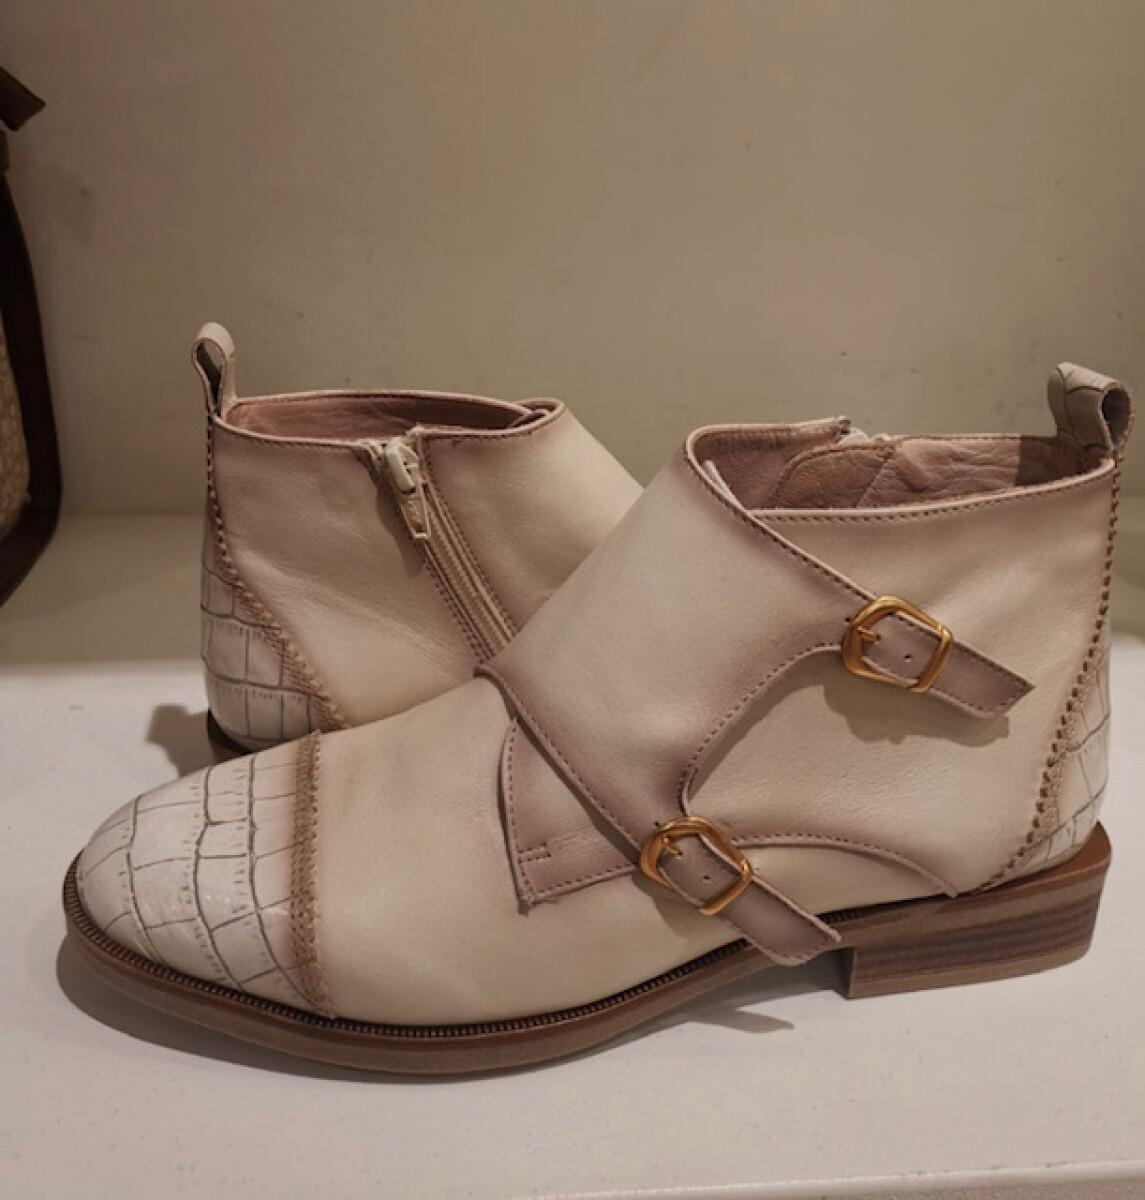 Hispanitas Boot Creme/powderpink